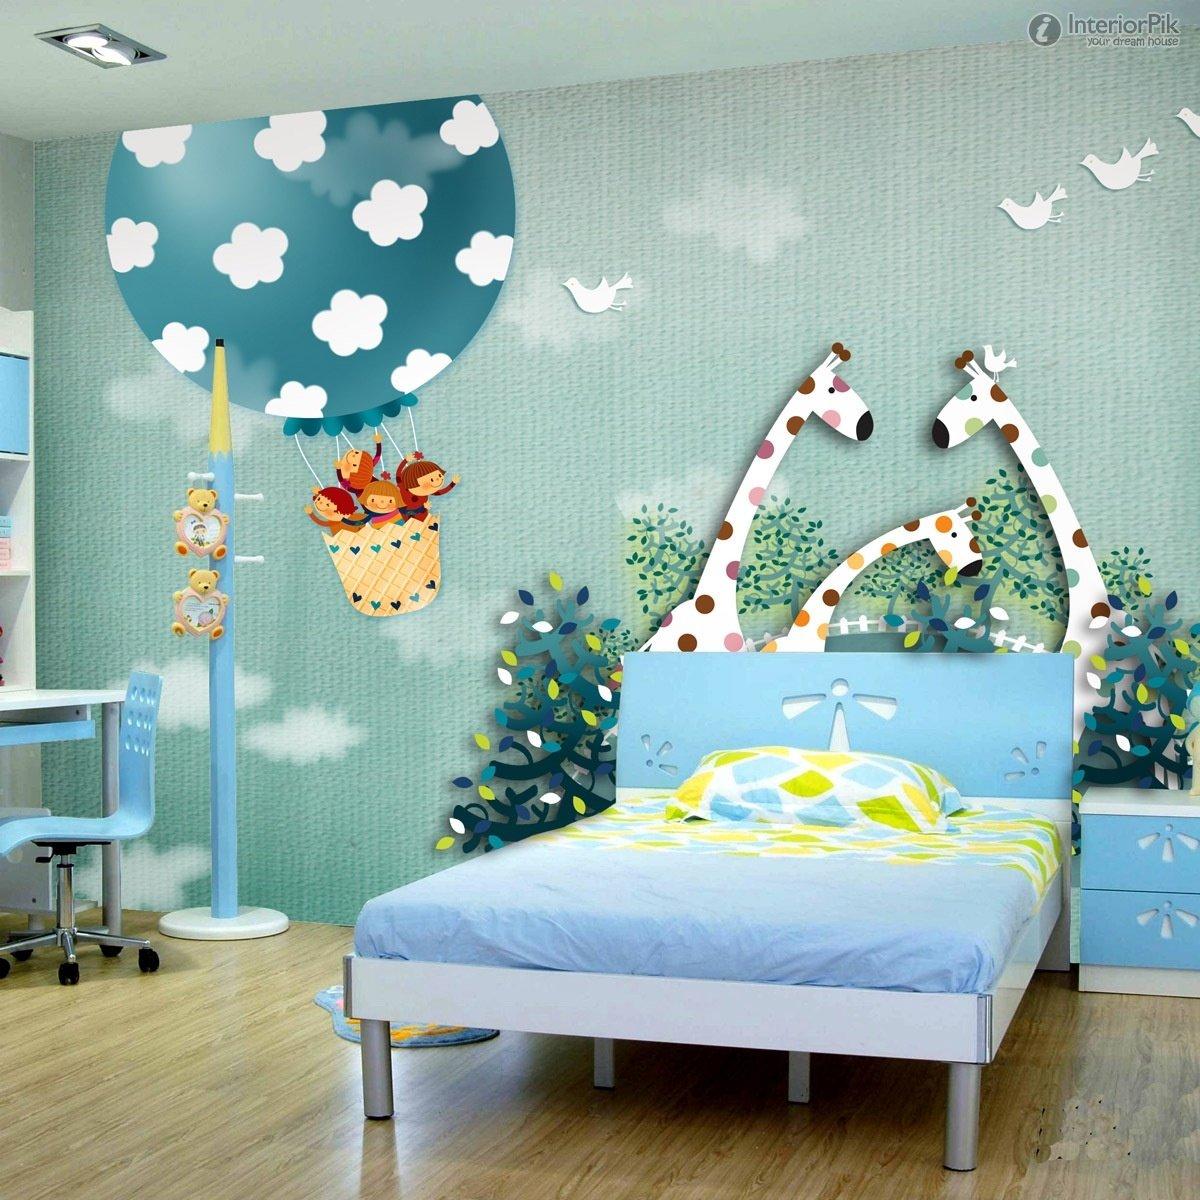 Childrens room bedroom walls wallpaper Minimalist bedroom 1200x1200